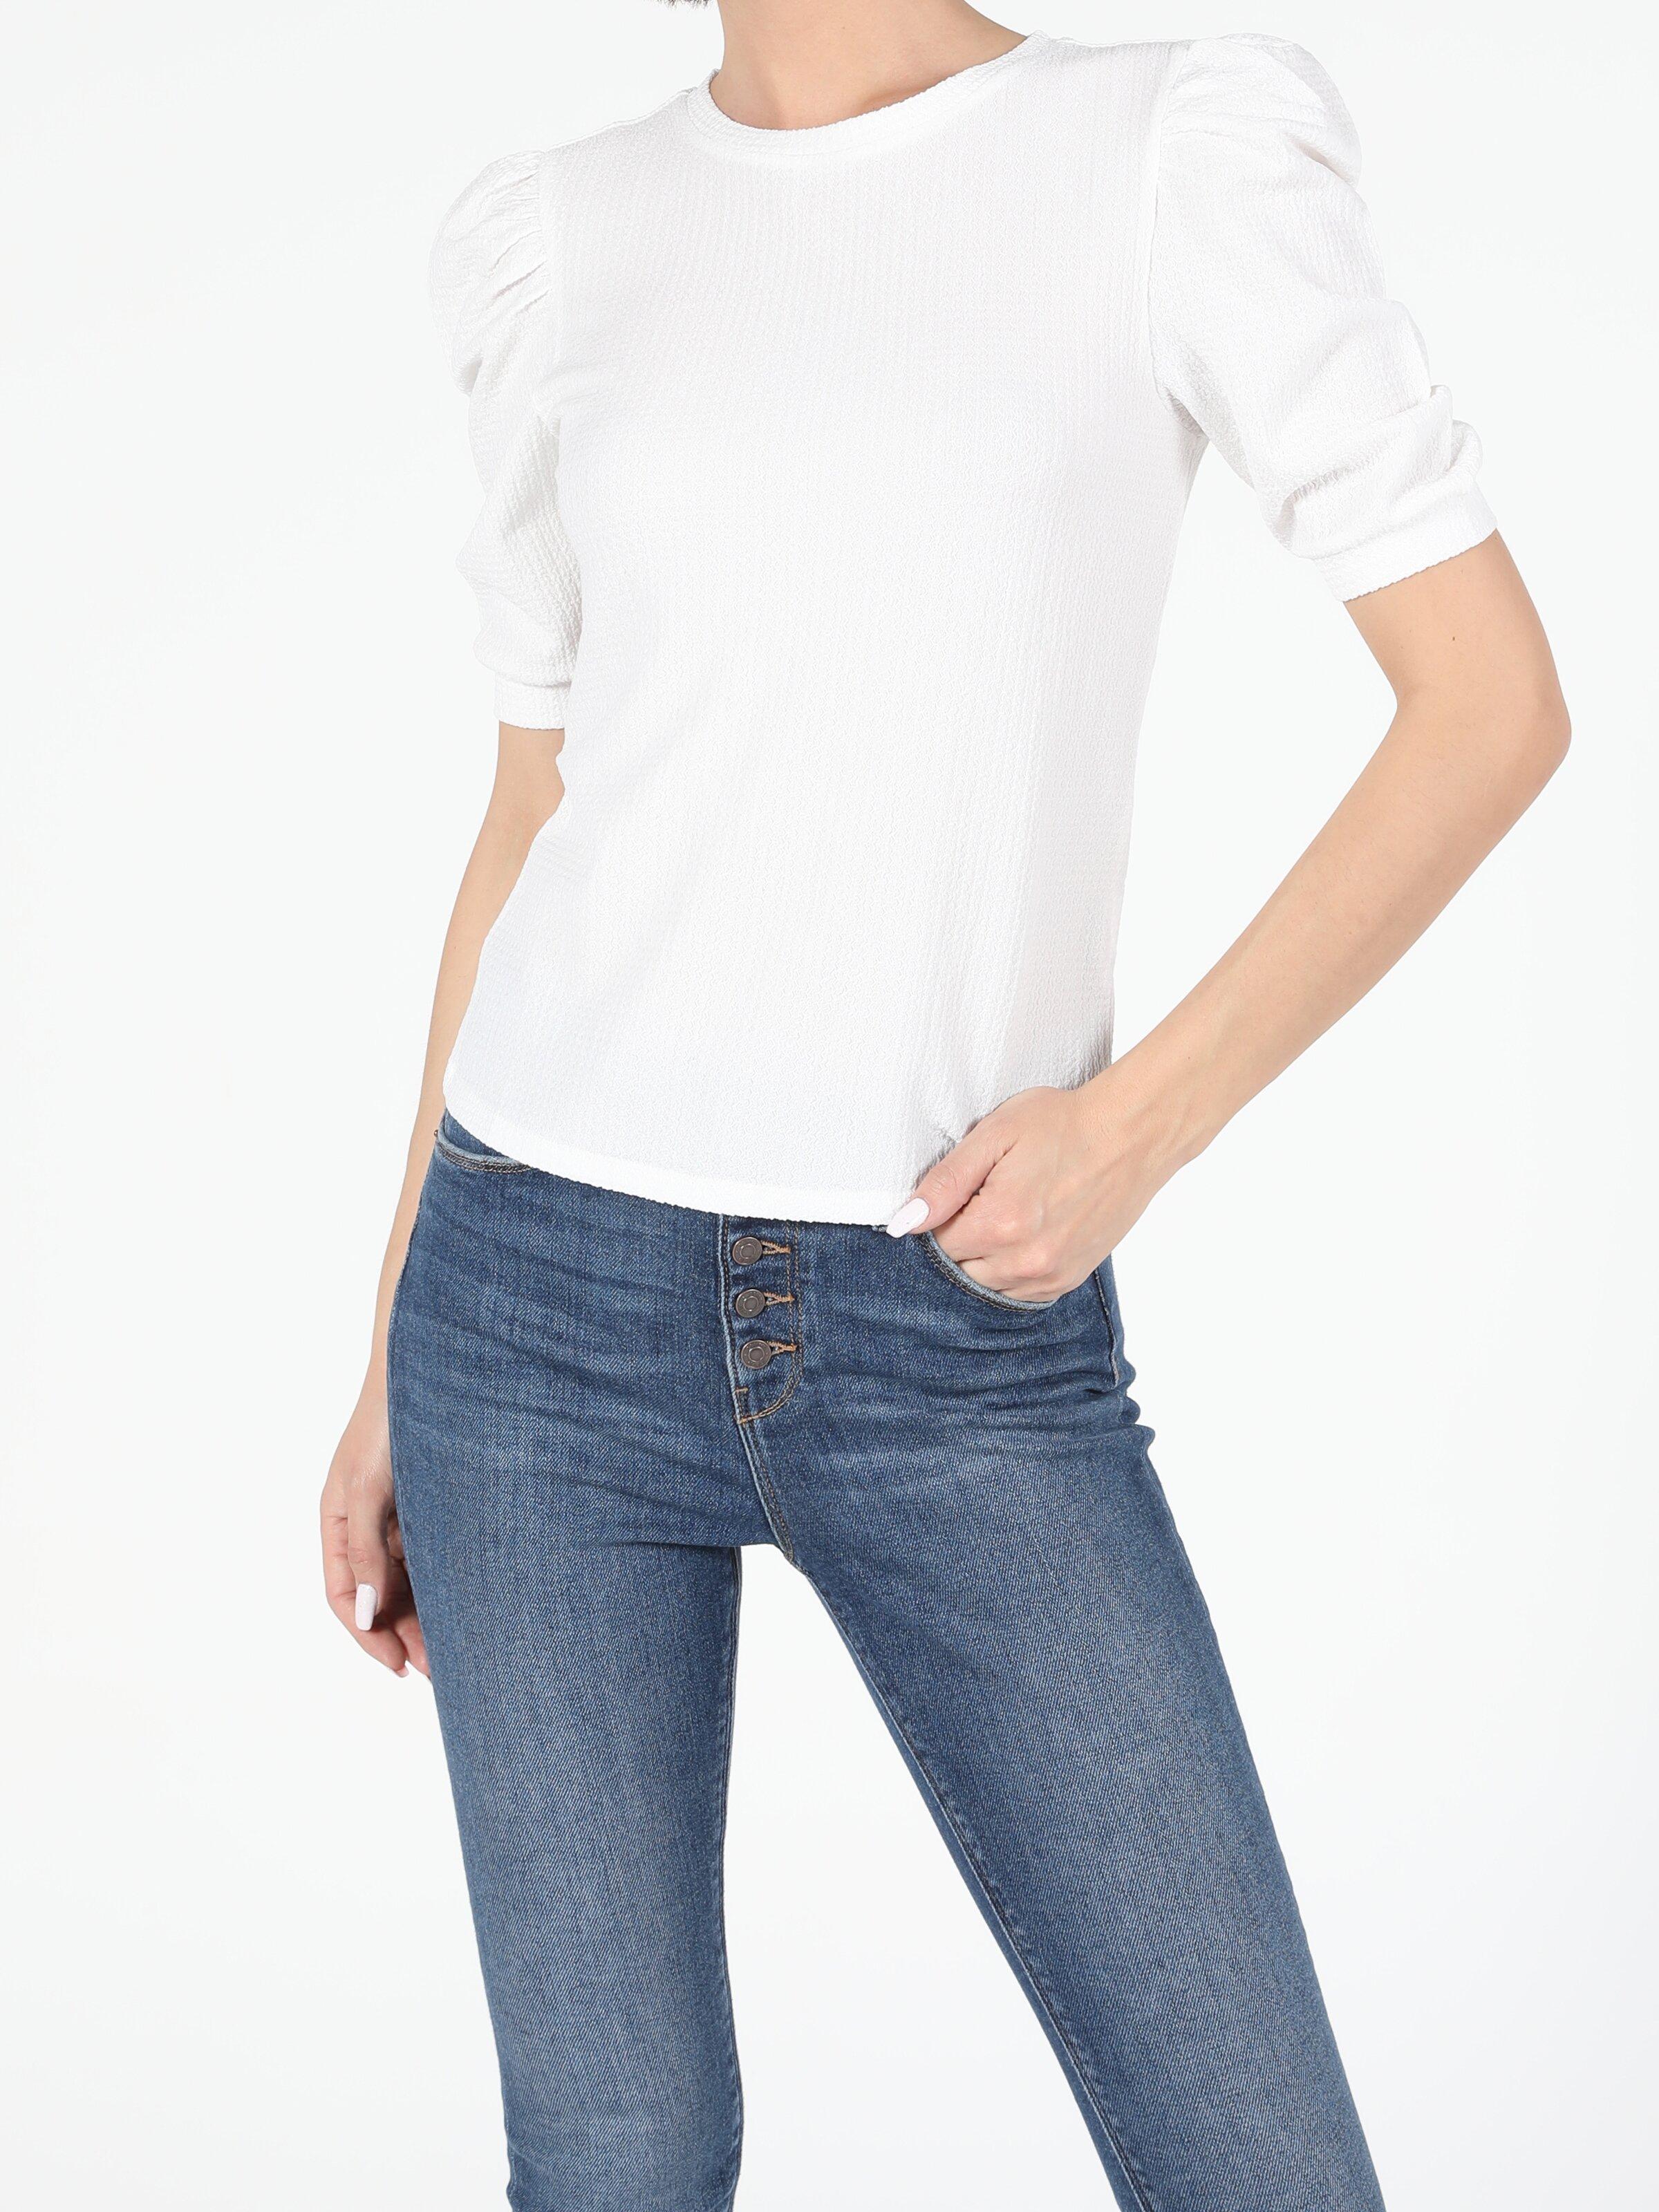 Slim Fit Bisiklet Yaka Örme Kadın Beyaz Karpuz Tişört